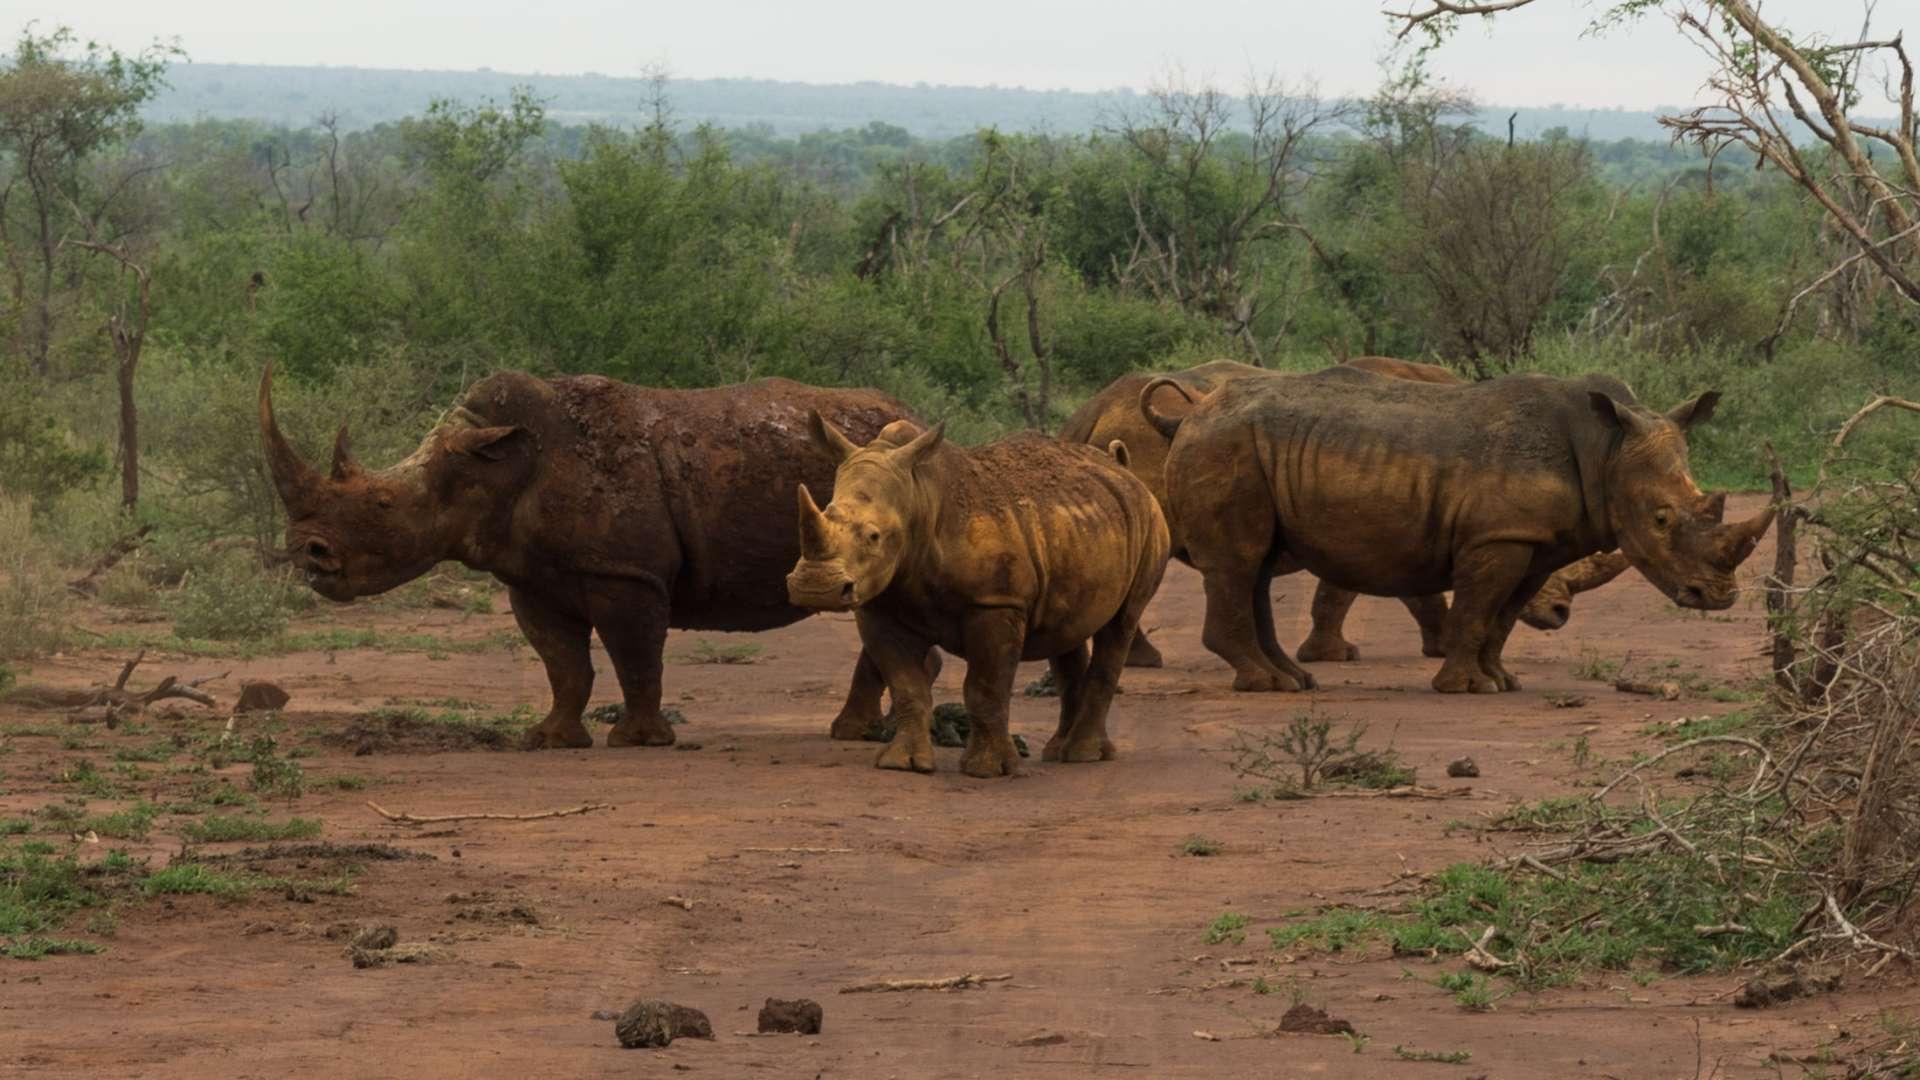 south africa madikwe safari pescart rhino family